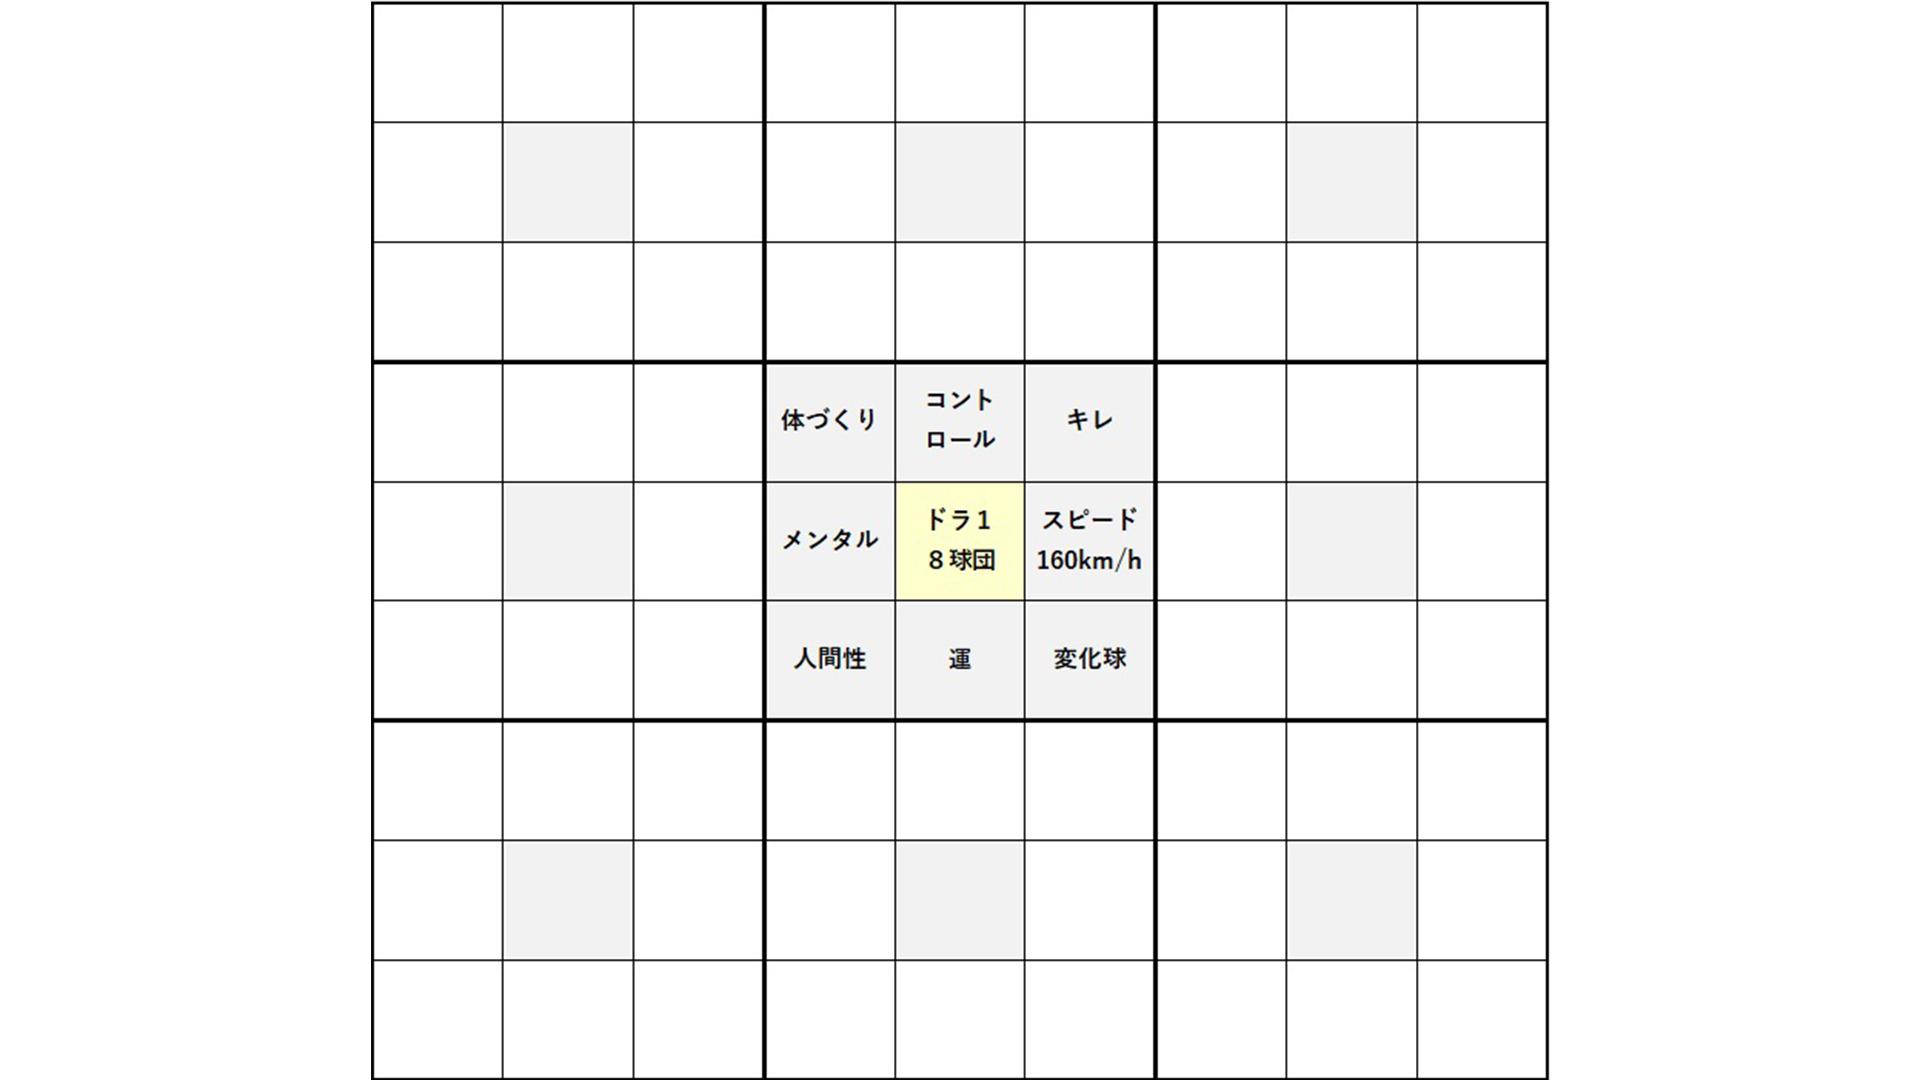 中央の真ん中マスを囲む8マスに必要なスキルや行動を記載